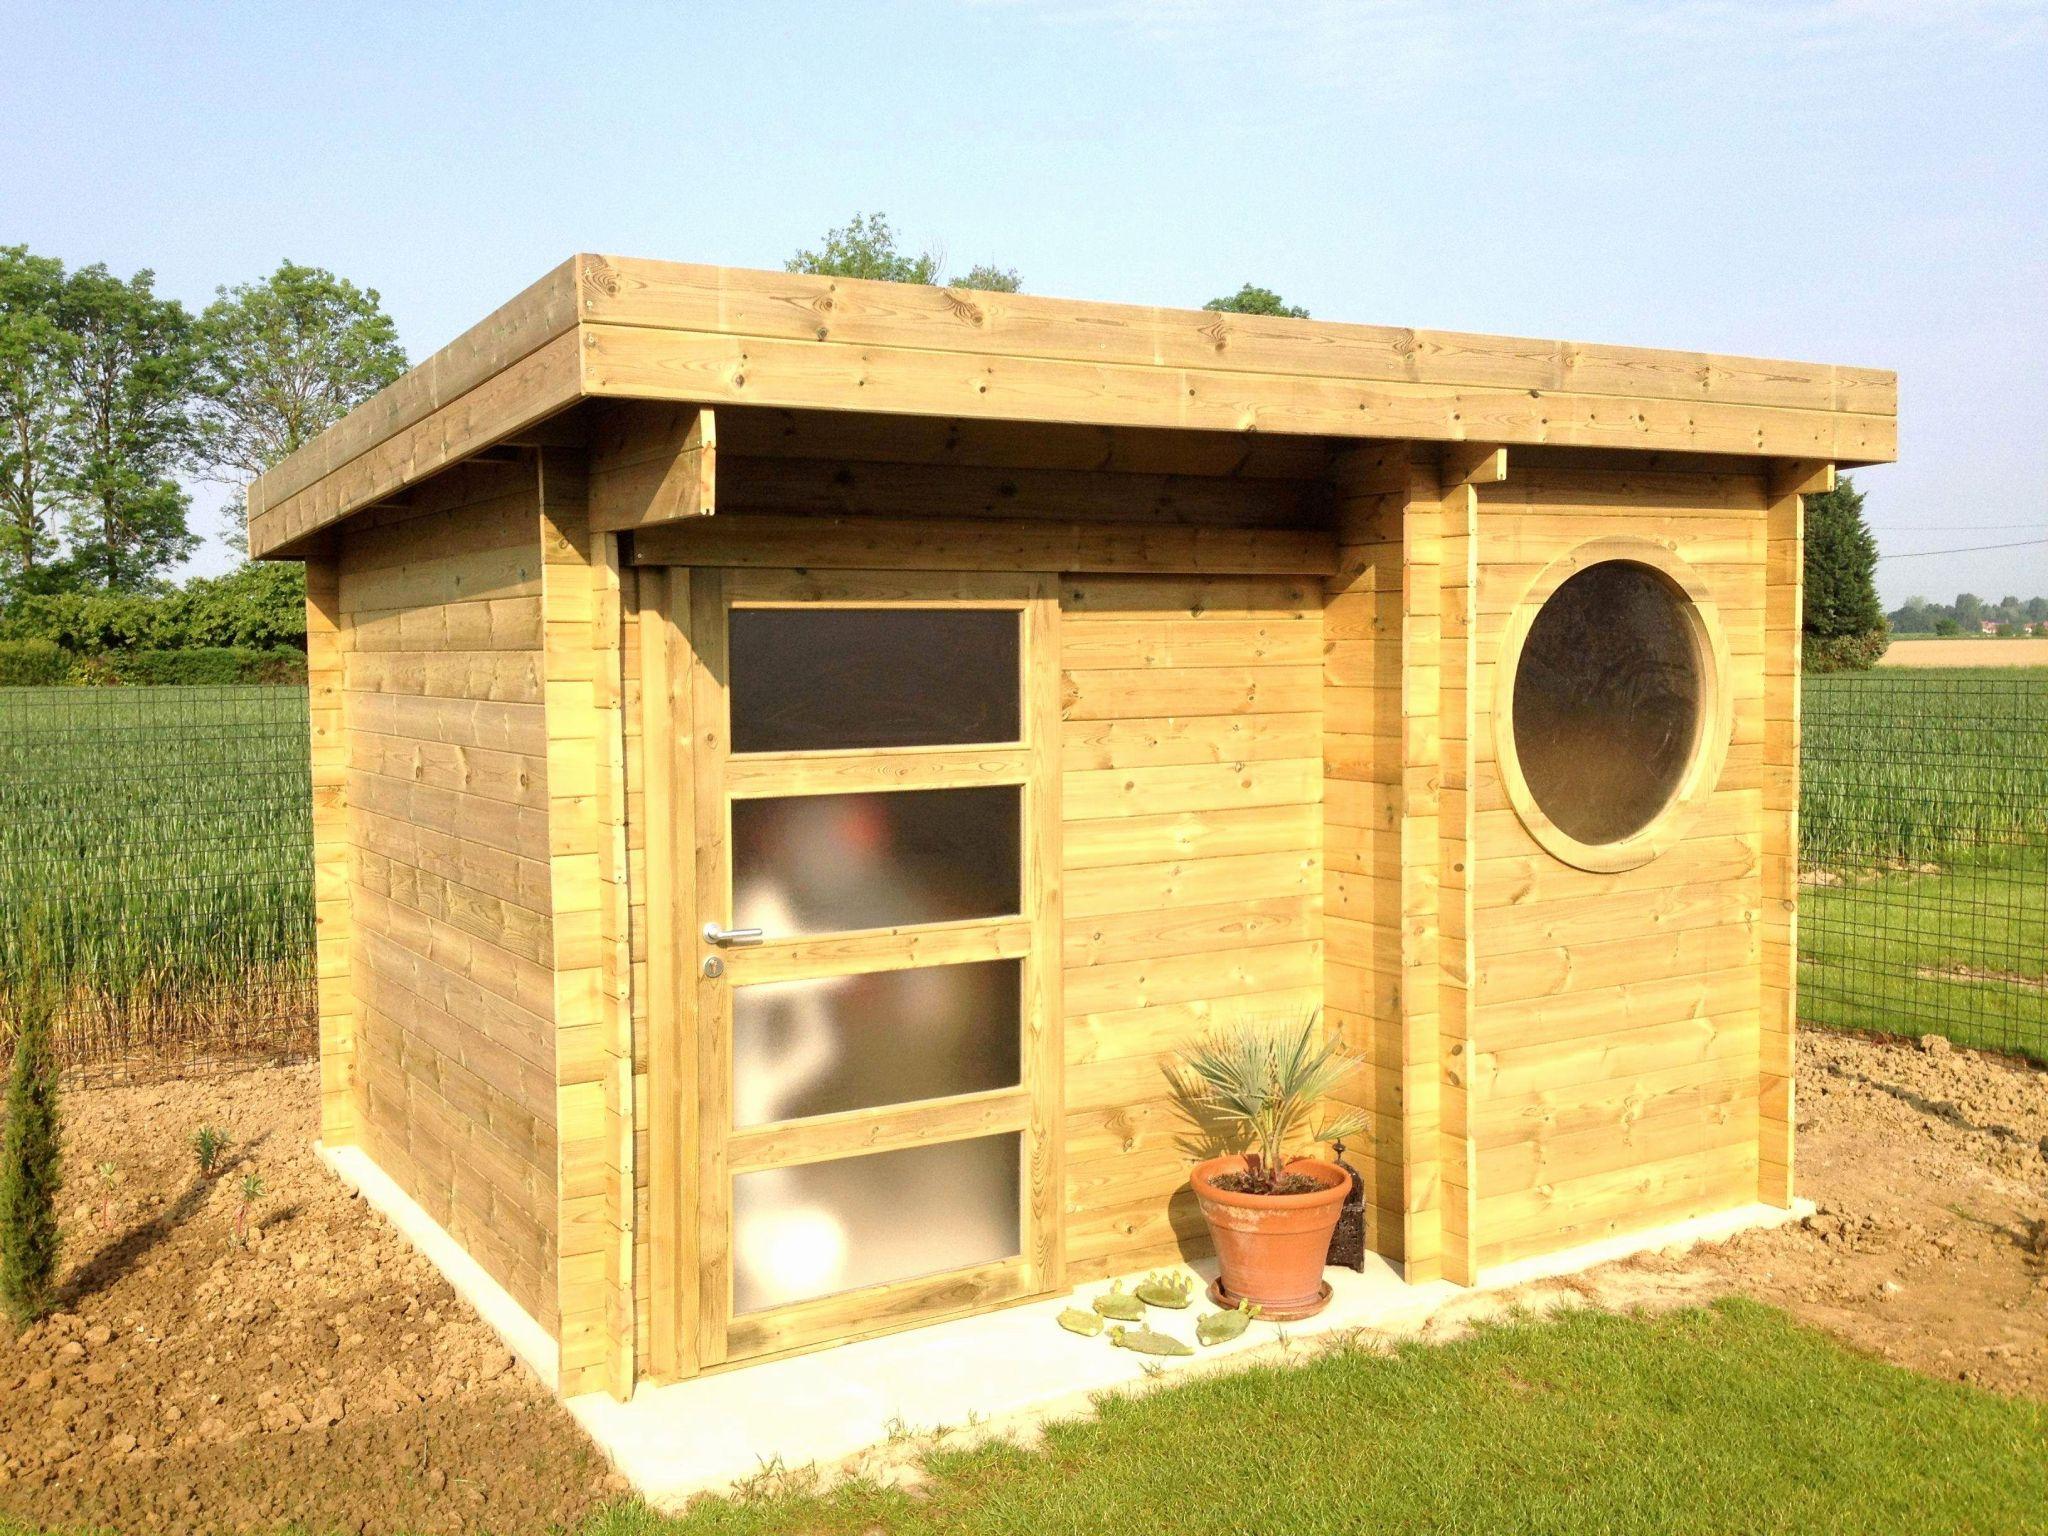 Construire Abri Jardin Des Idées - Idees Conception Jardin destiné Construire Une Cabane De Jardin Soi Meme